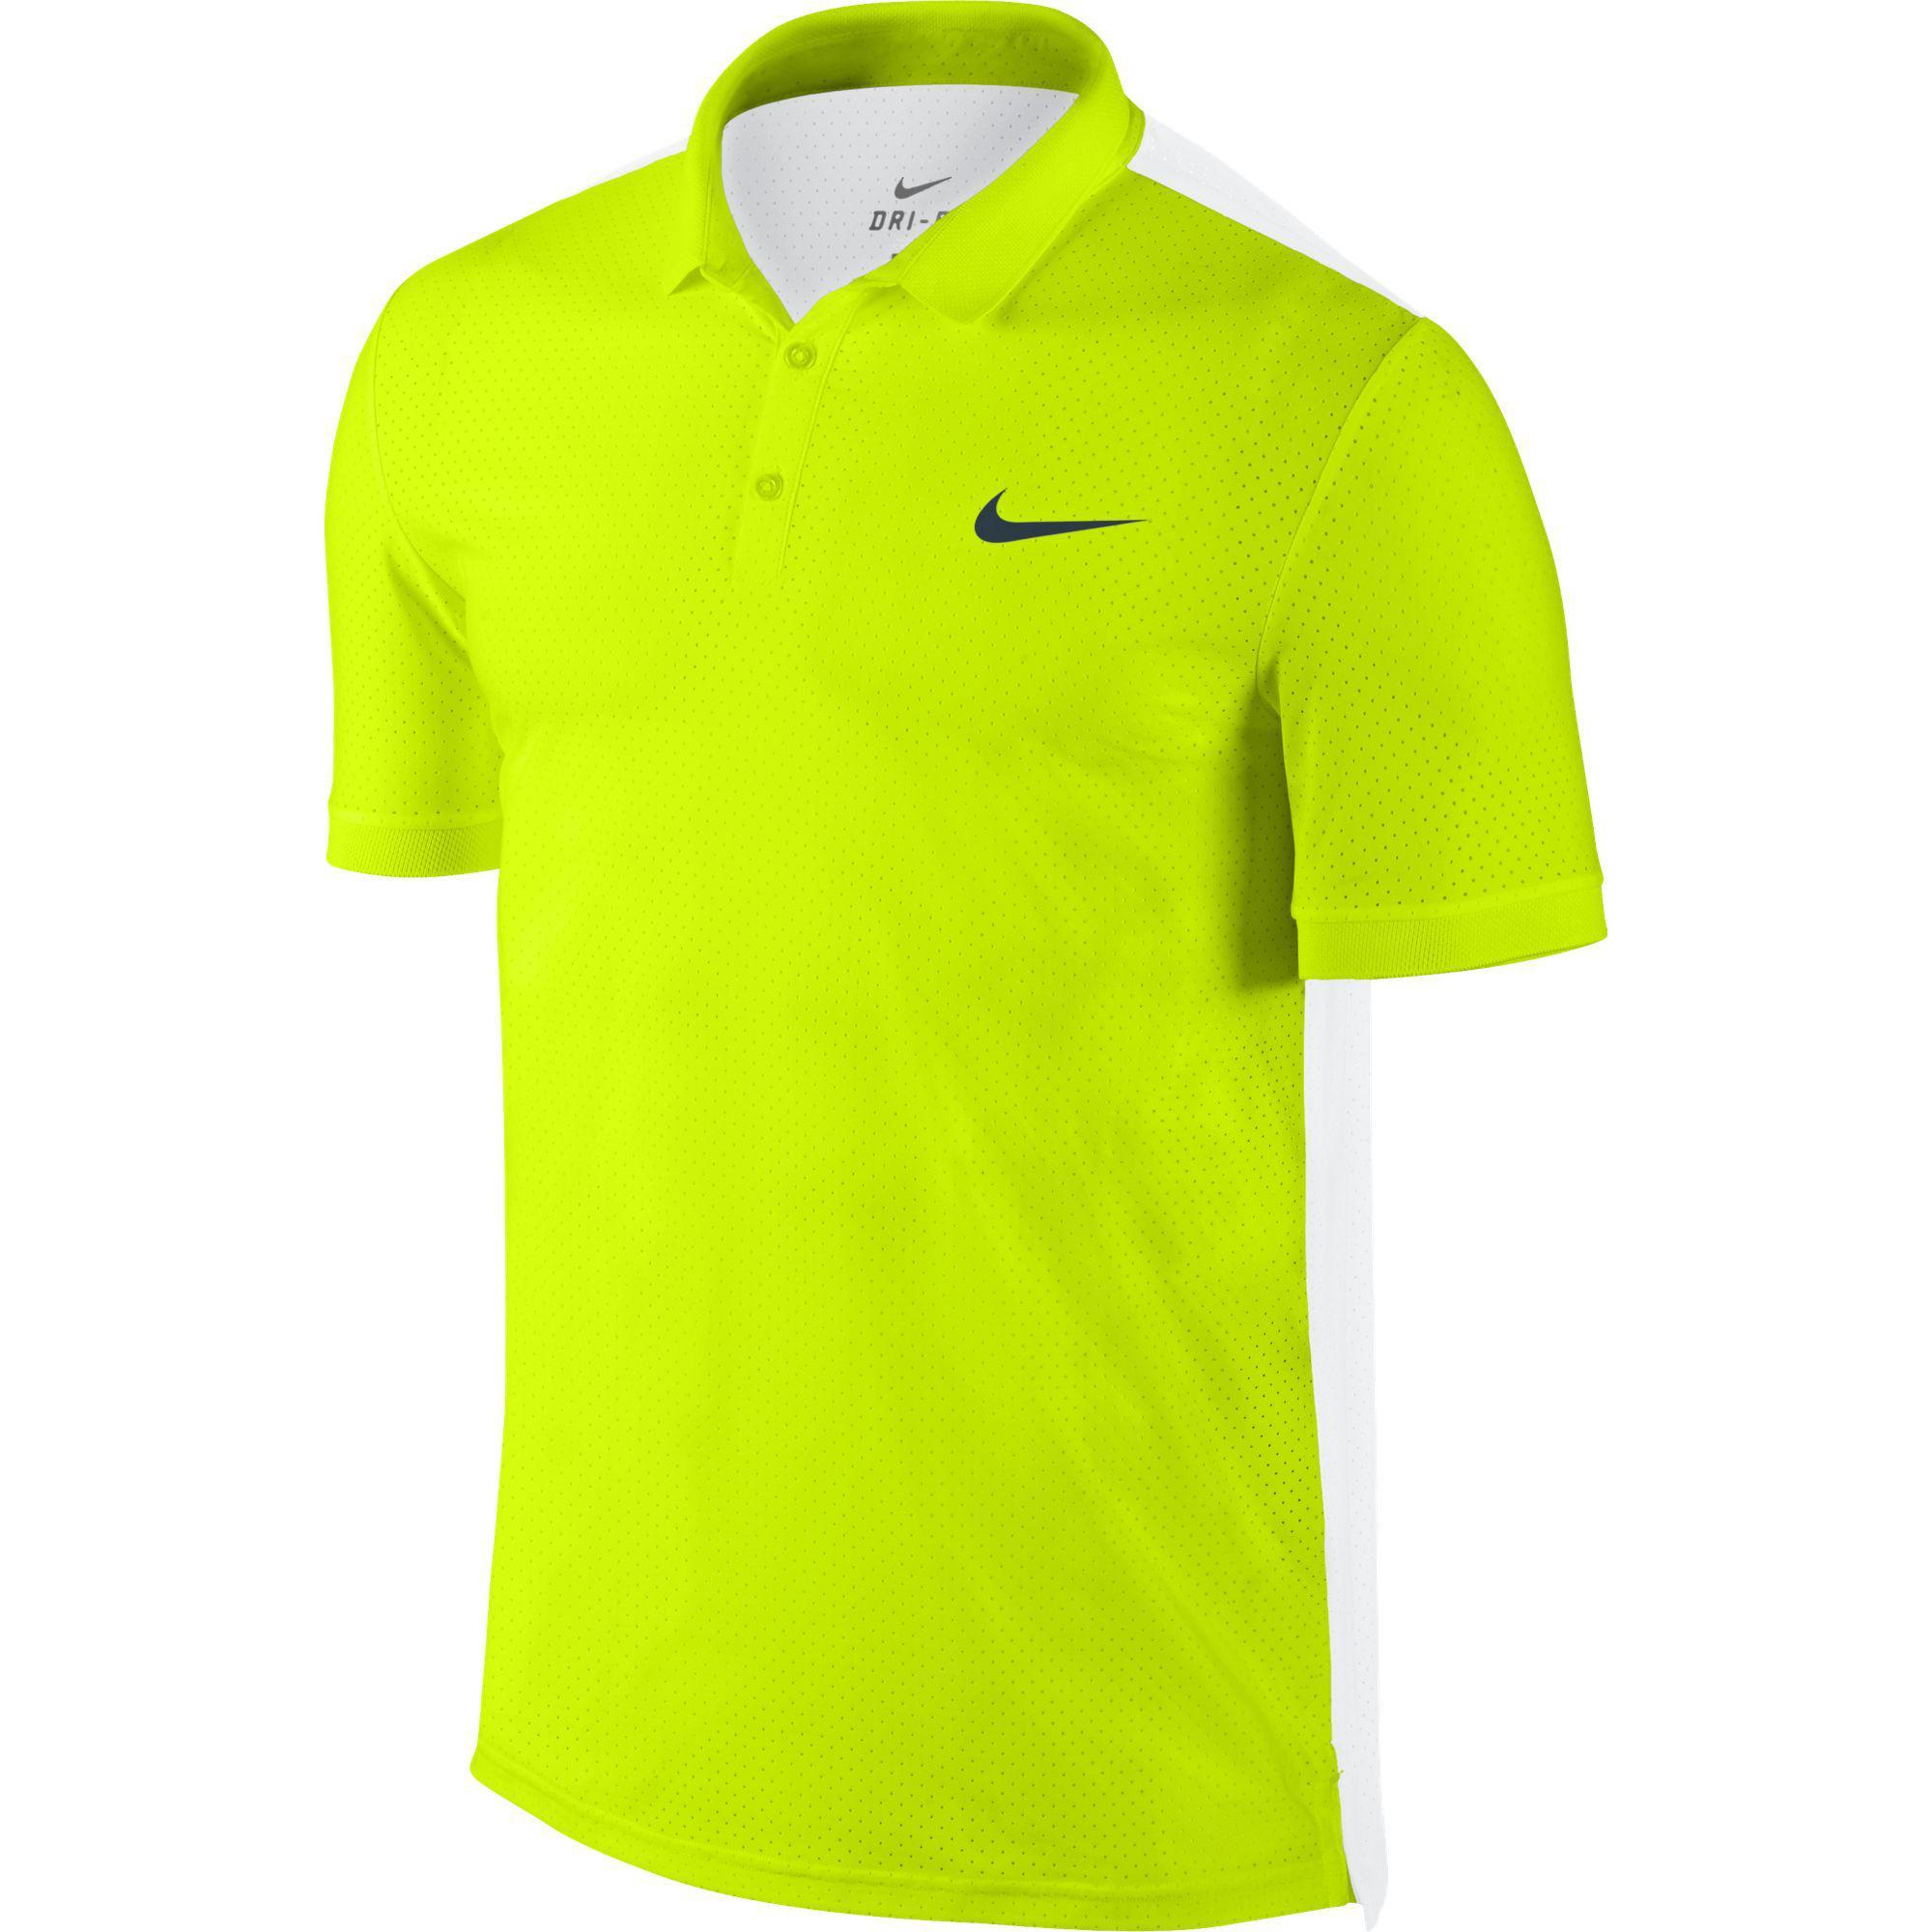 55247d9f36 Nike Mens Advantage Breathe Polo - Volt/White - Tennisnuts.com